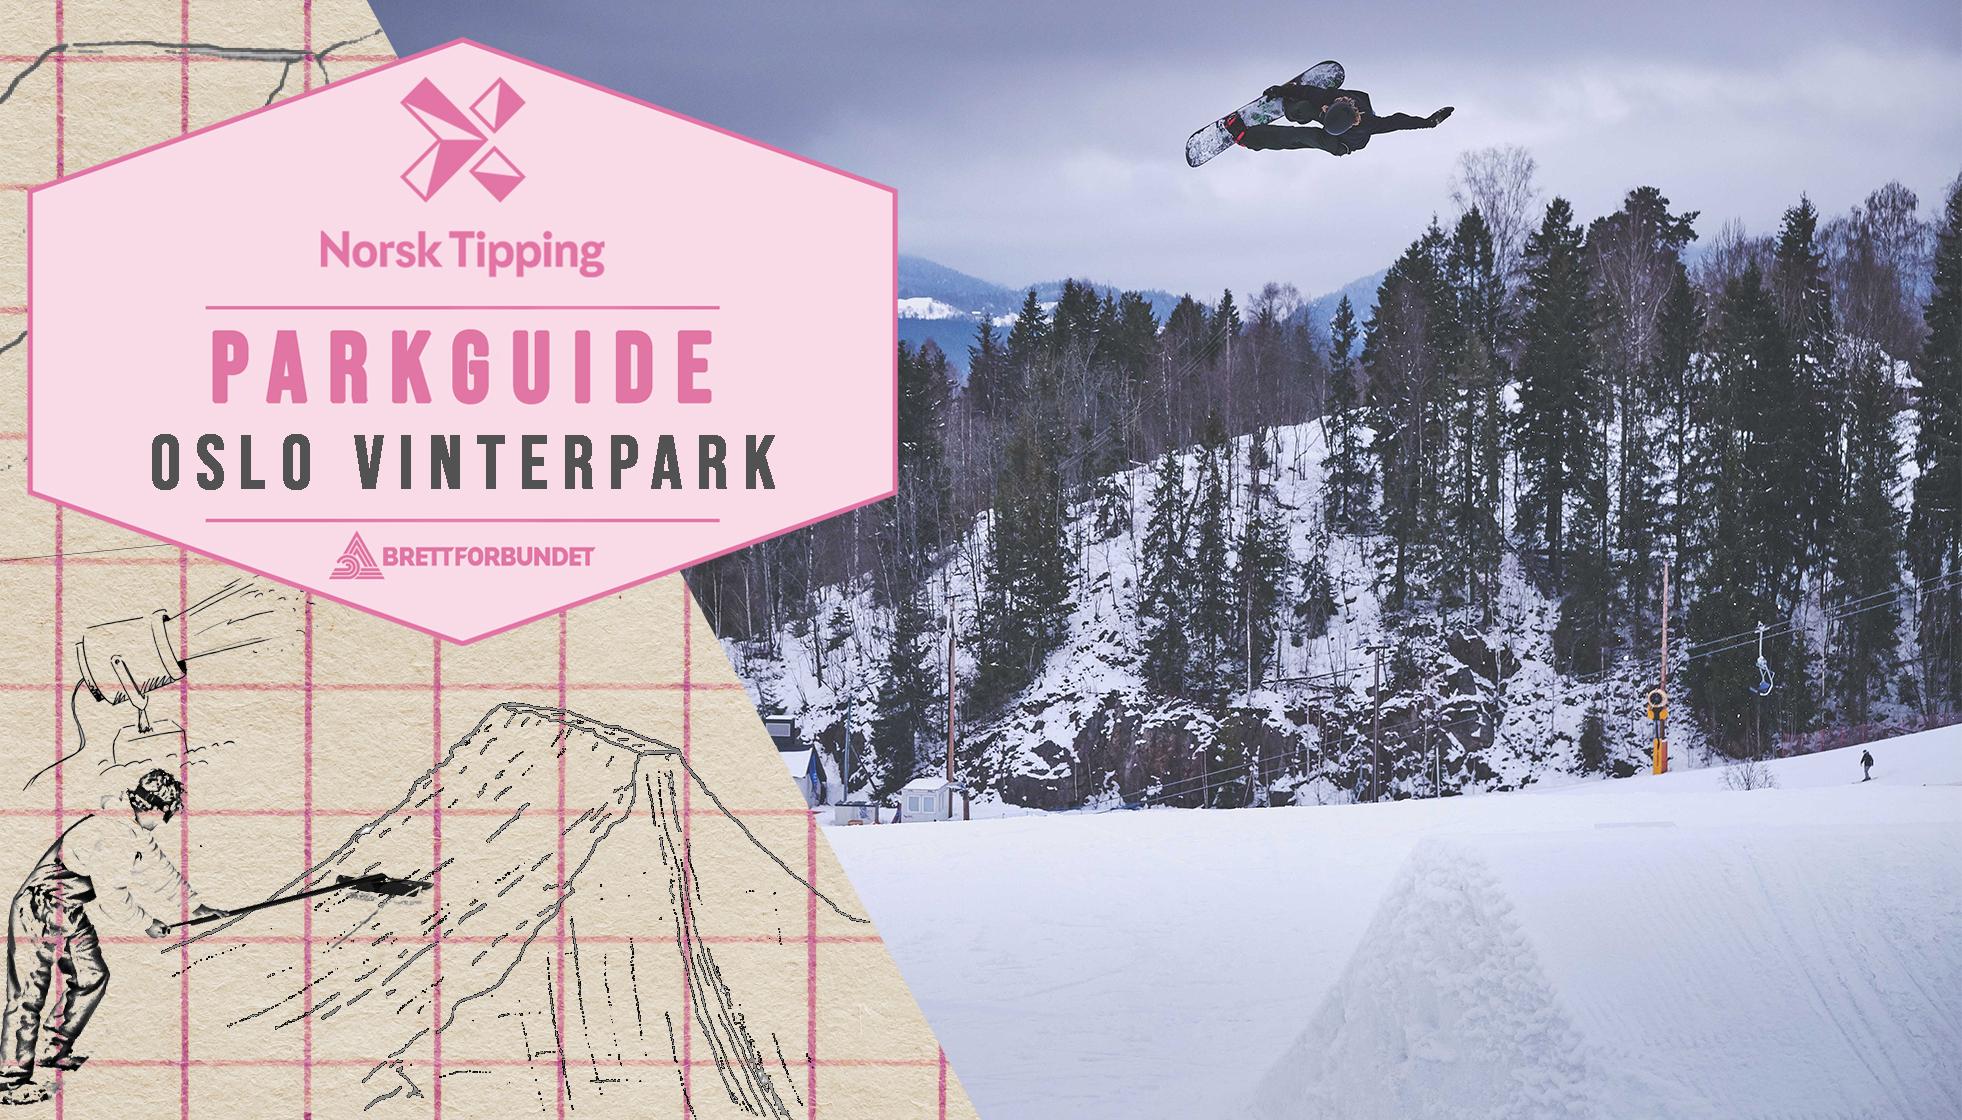 Parkguide: Oslo Vinterpark